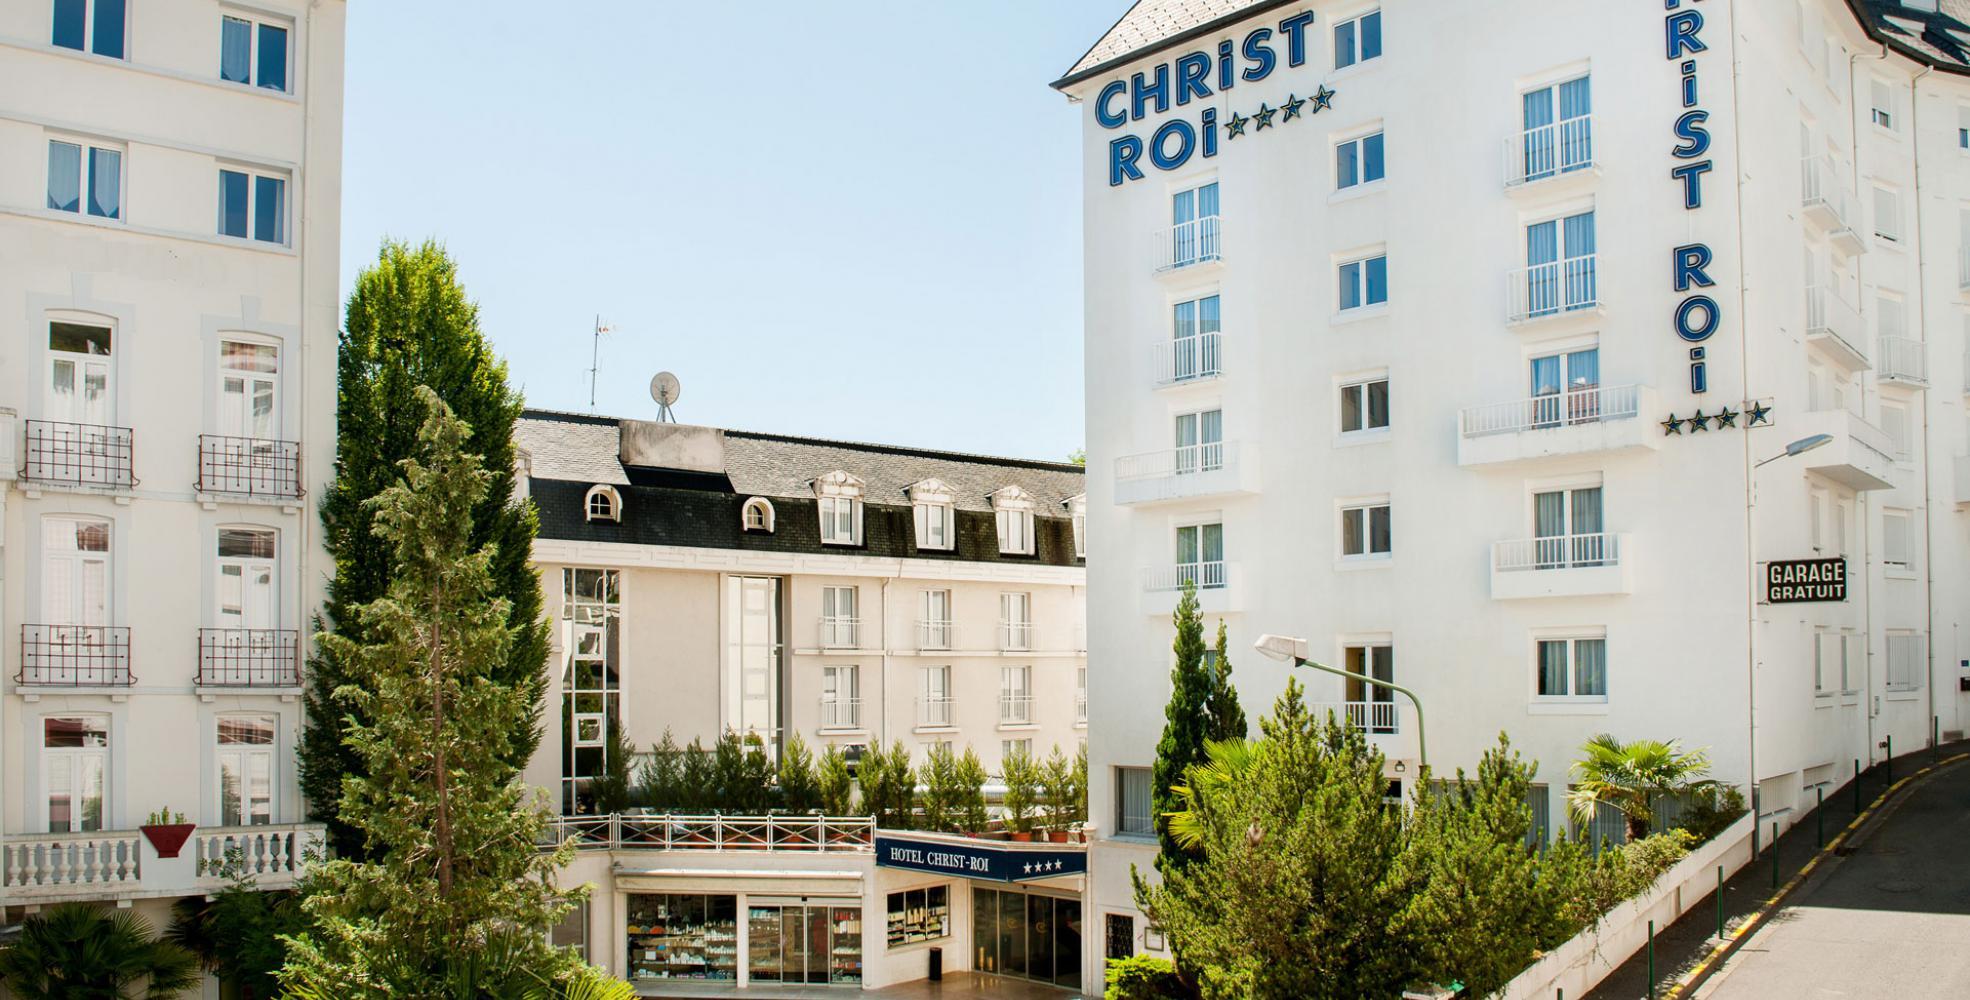 Vue exterieur Hotel lourdes Christ Roi